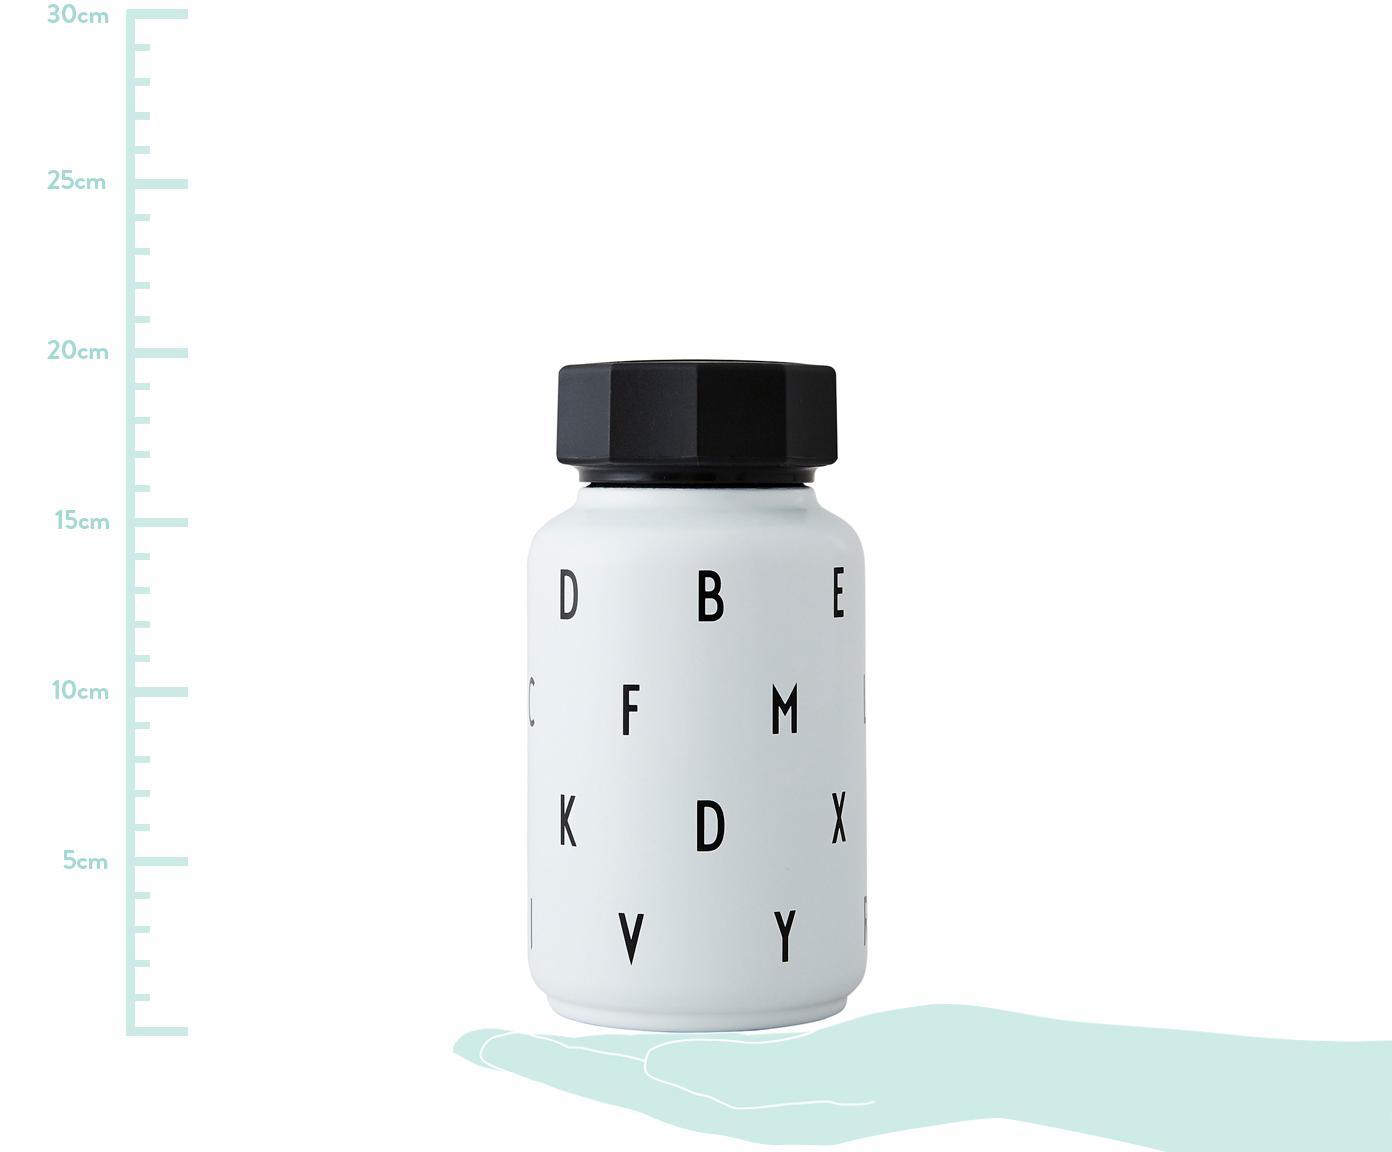 Kinder-Isoliertrinkflasche Ilona mit Trinkhalm, Weiß, 330 ml